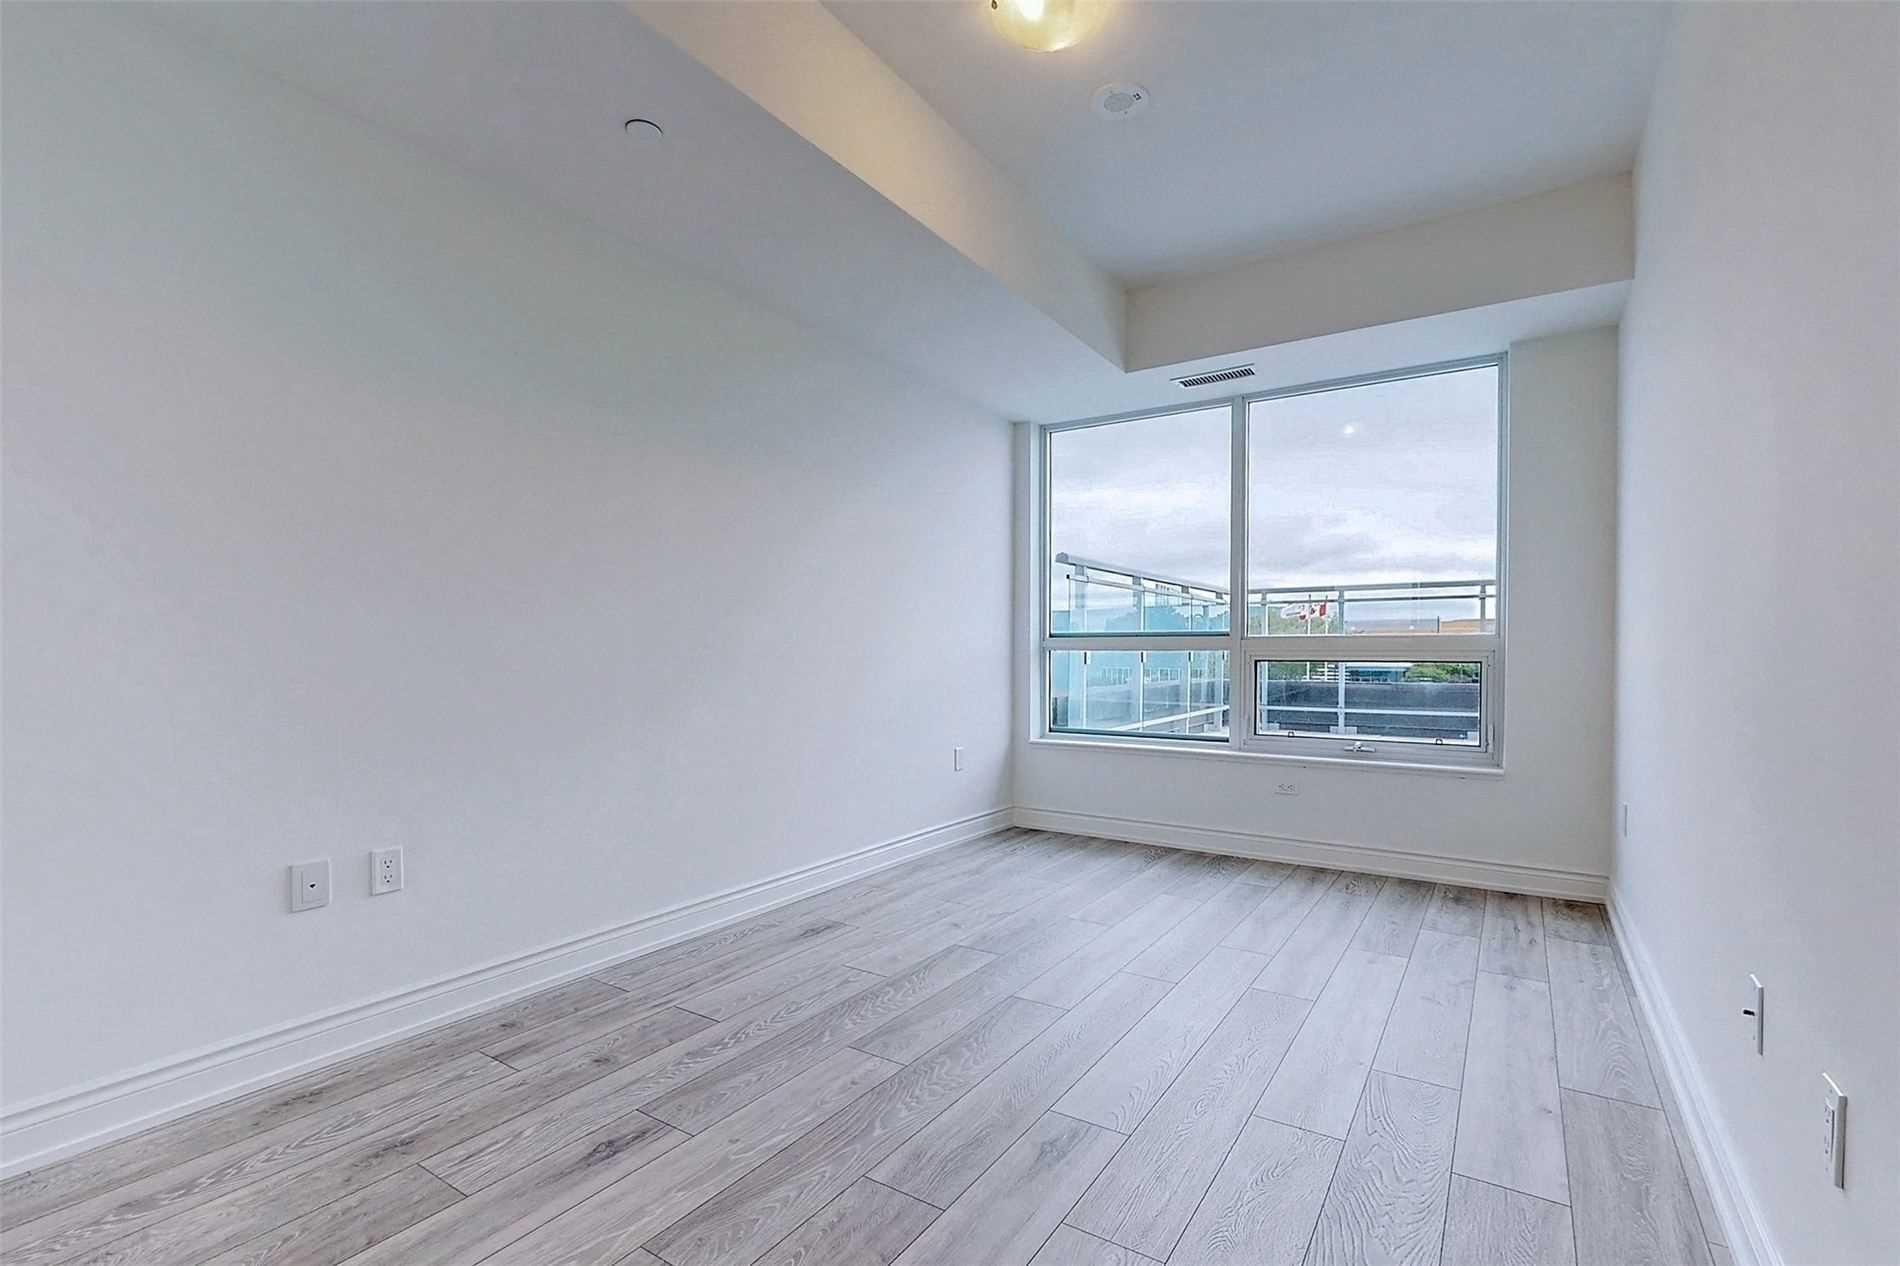 221 - 1050 Main St E - Dempsey Condo Apt for sale, 3 Bedrooms (W5398557) - #25